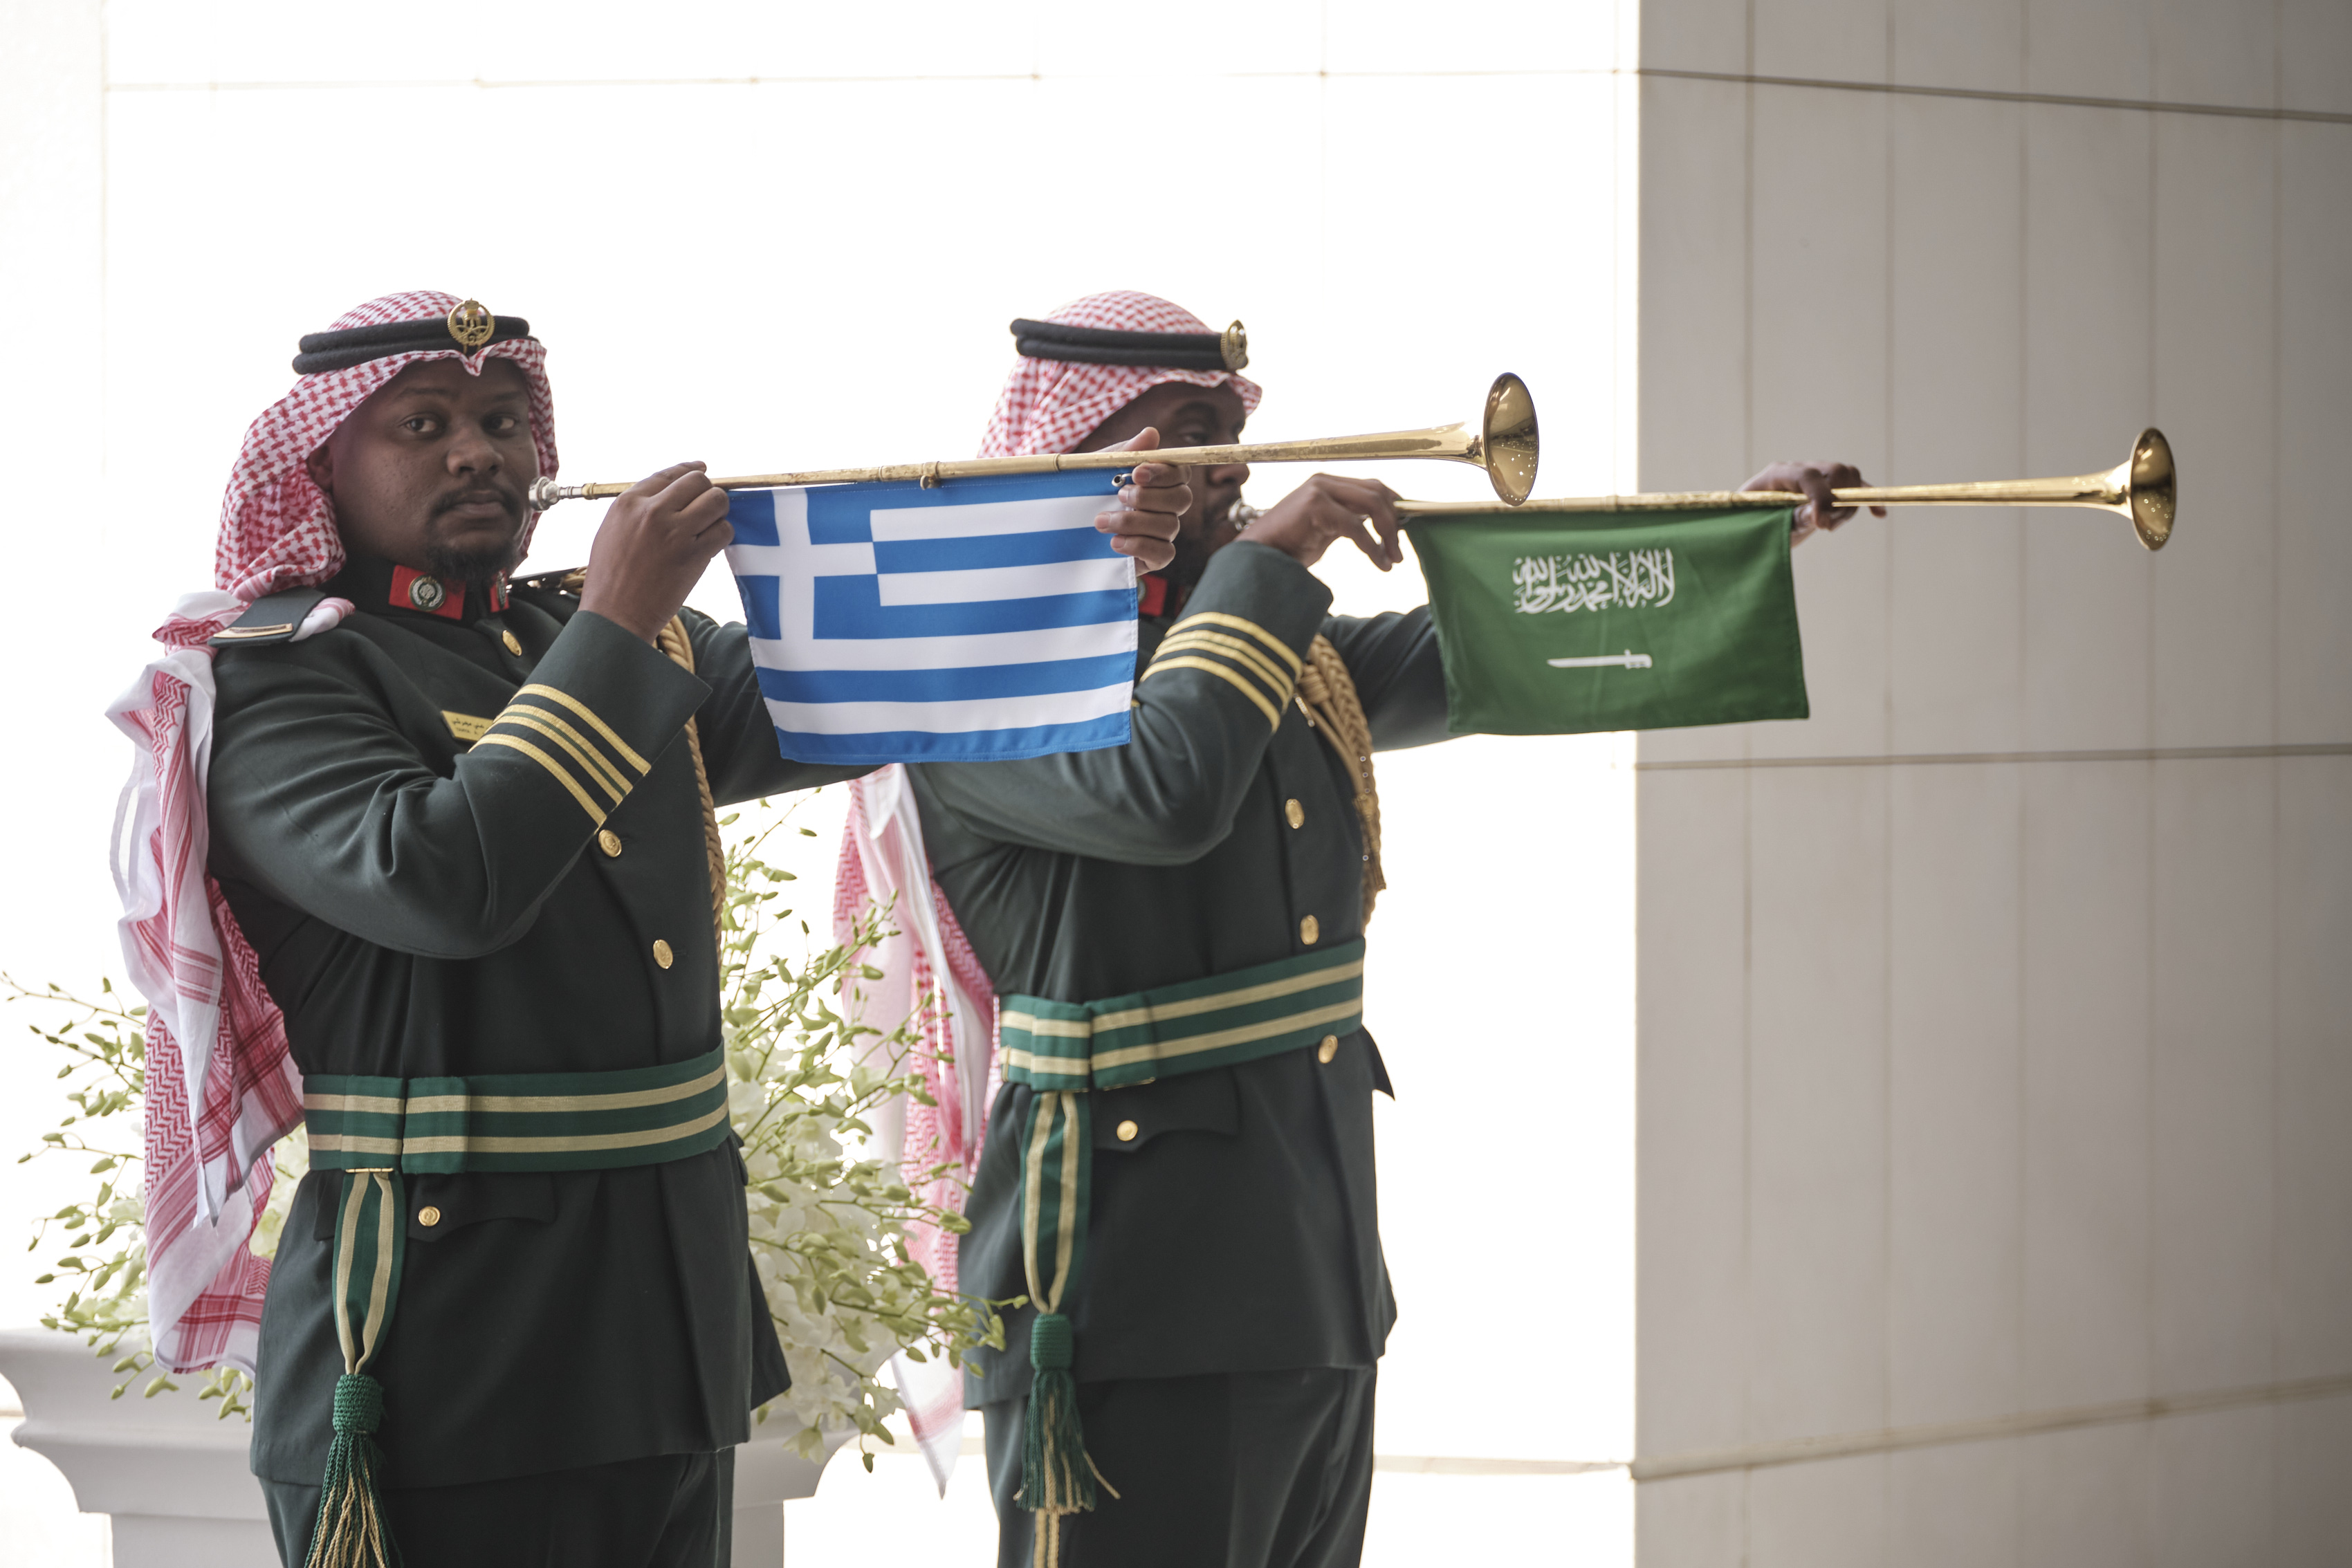 Σ. Αραβία - Μητσοτάκης